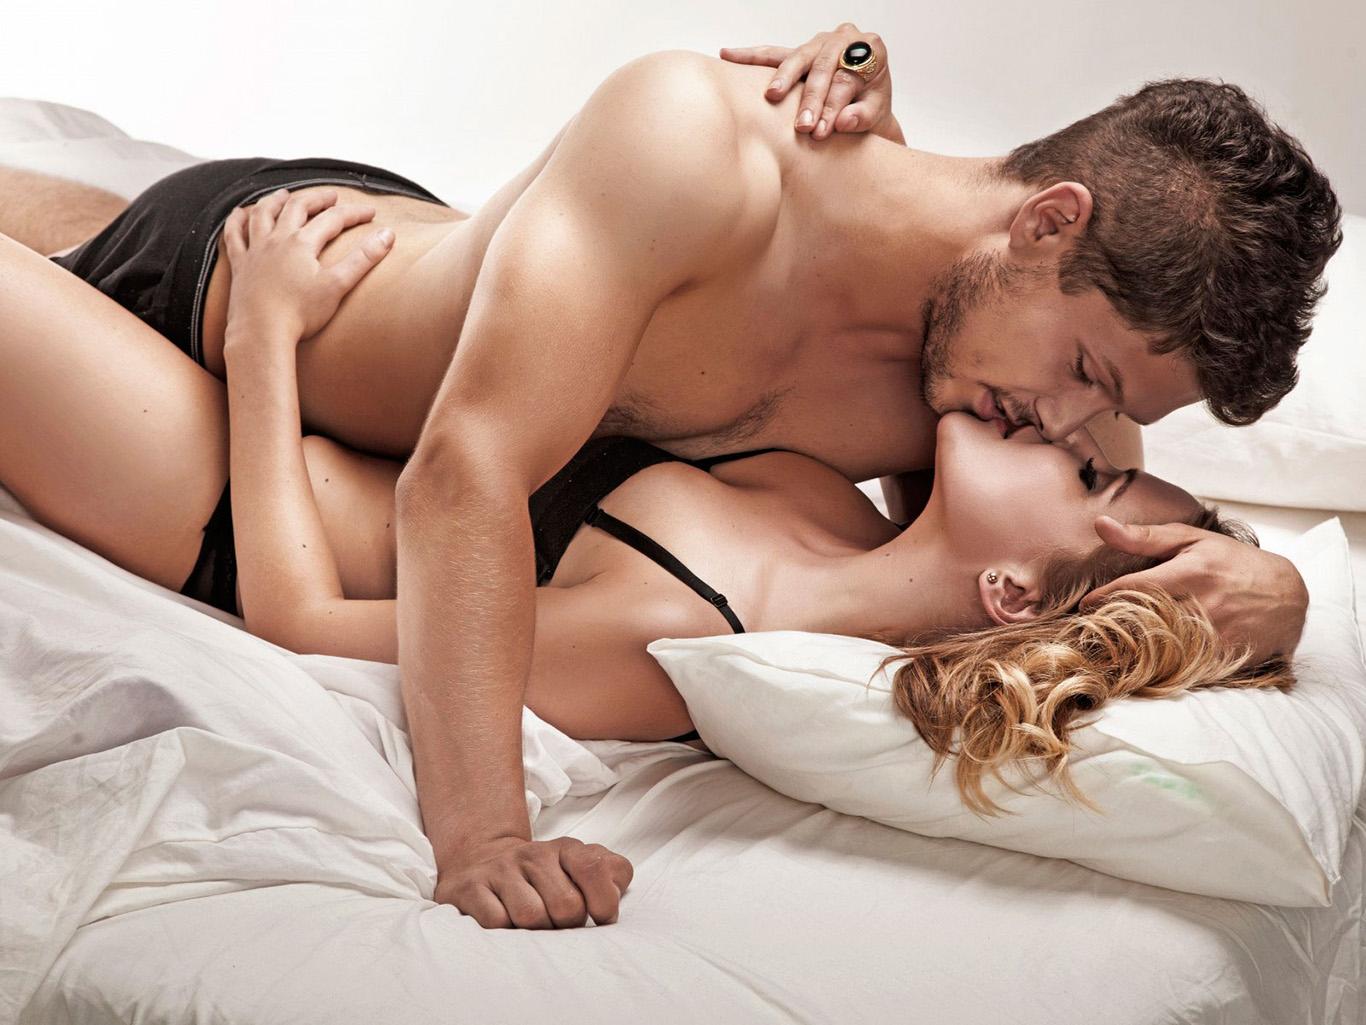 kamera-putan-seks-orgazm-sportsmenov-porno-domashnih